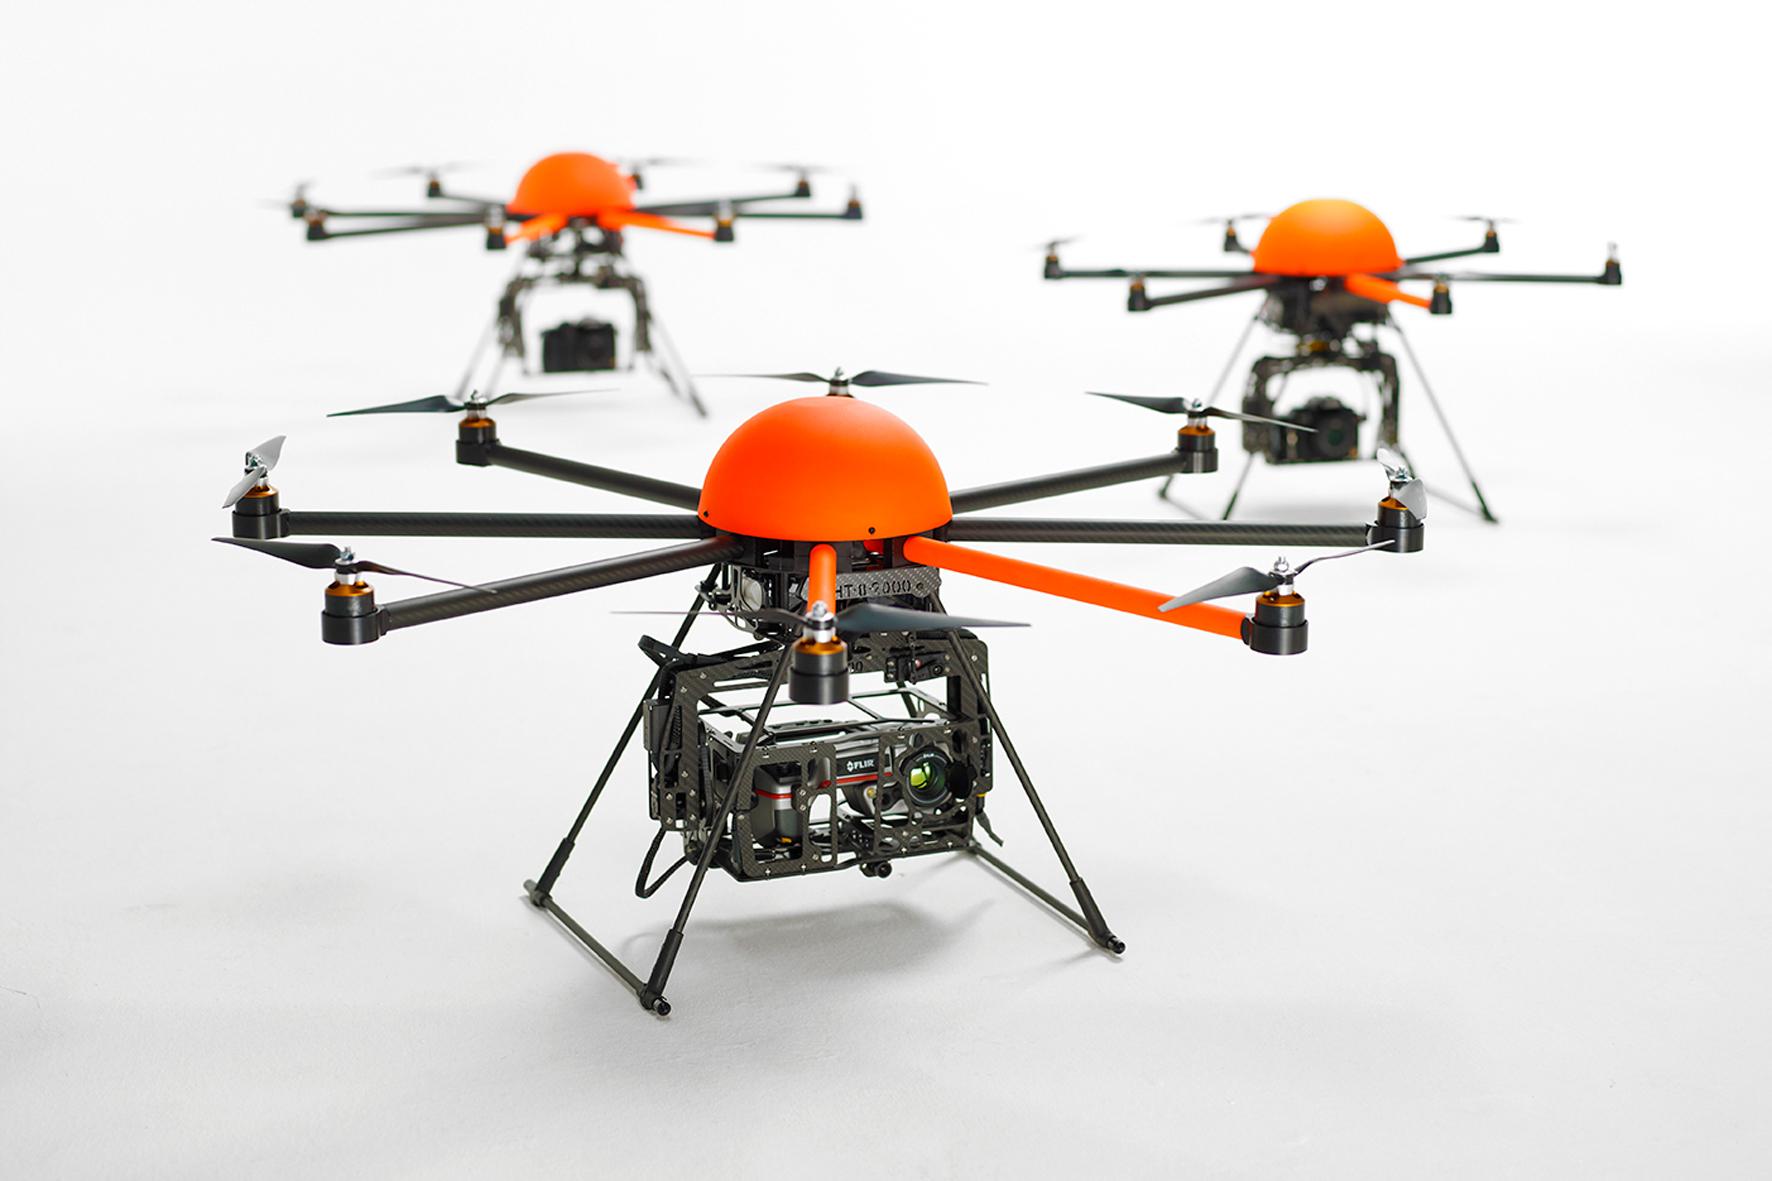 mid Groß-Gerau - Drohnen sind beliebt, aber mit vielen Auflagen verbunden. Height Tech